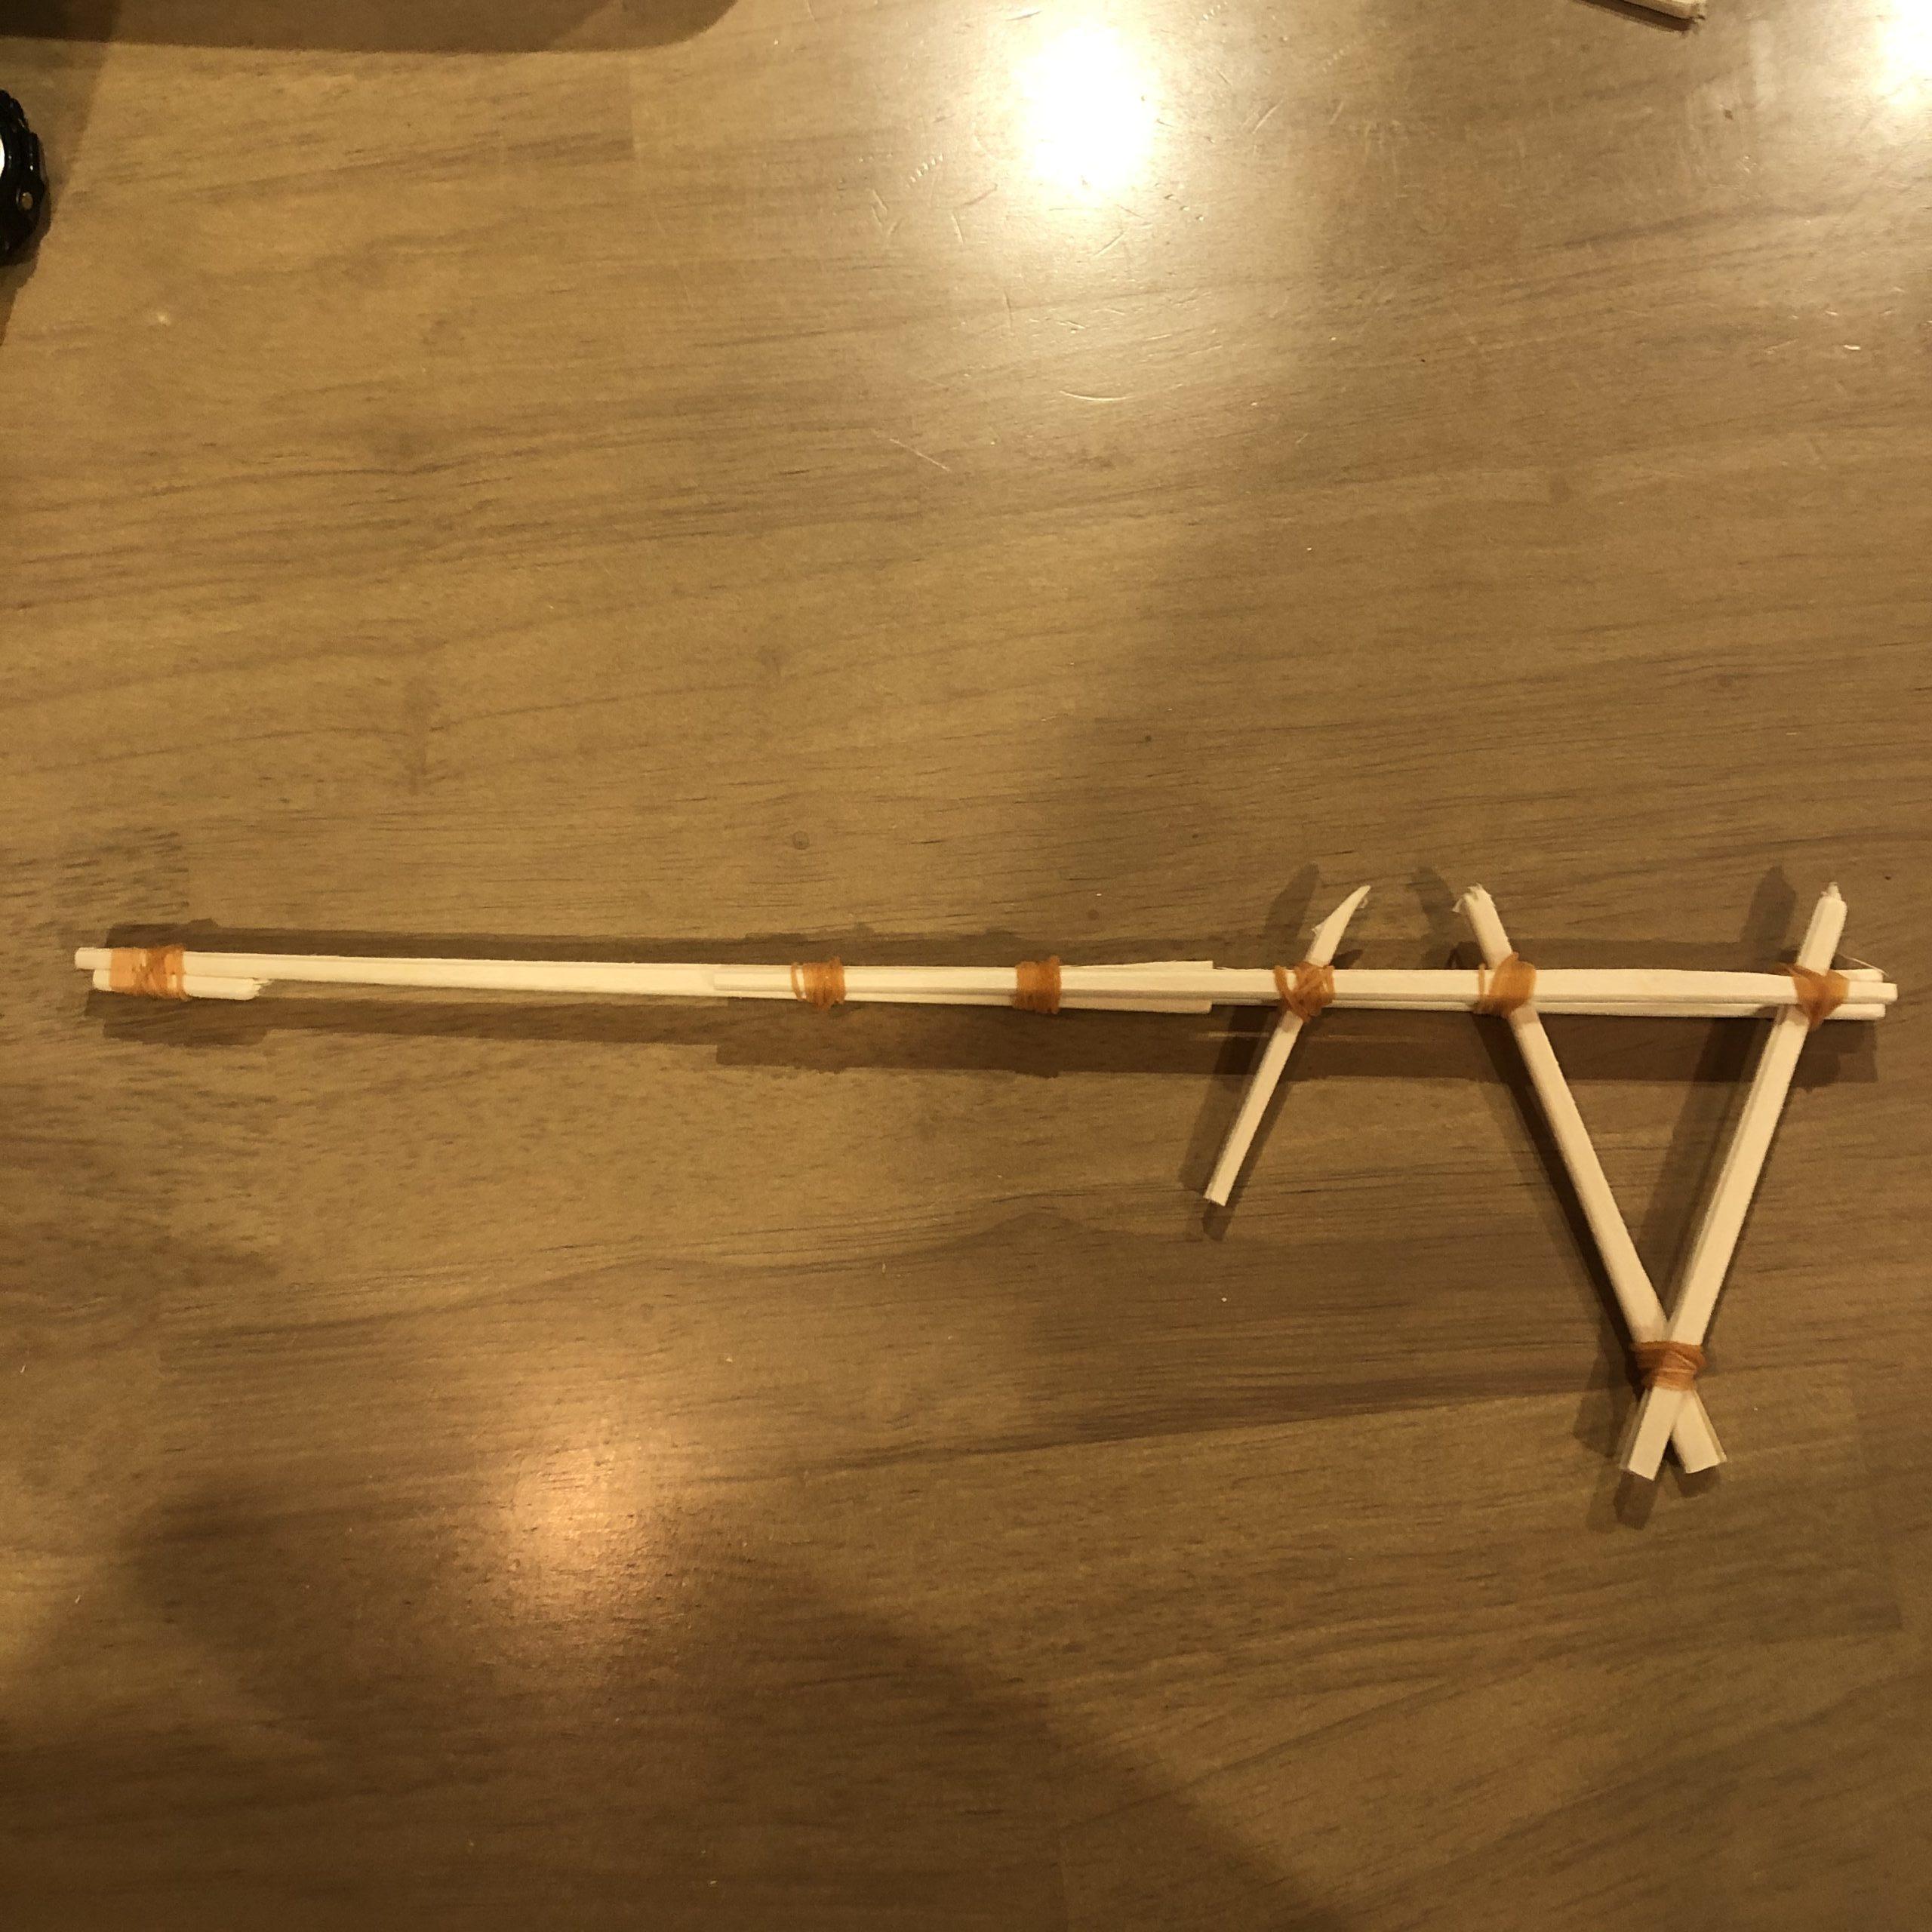 割り箸鉄砲の完成図